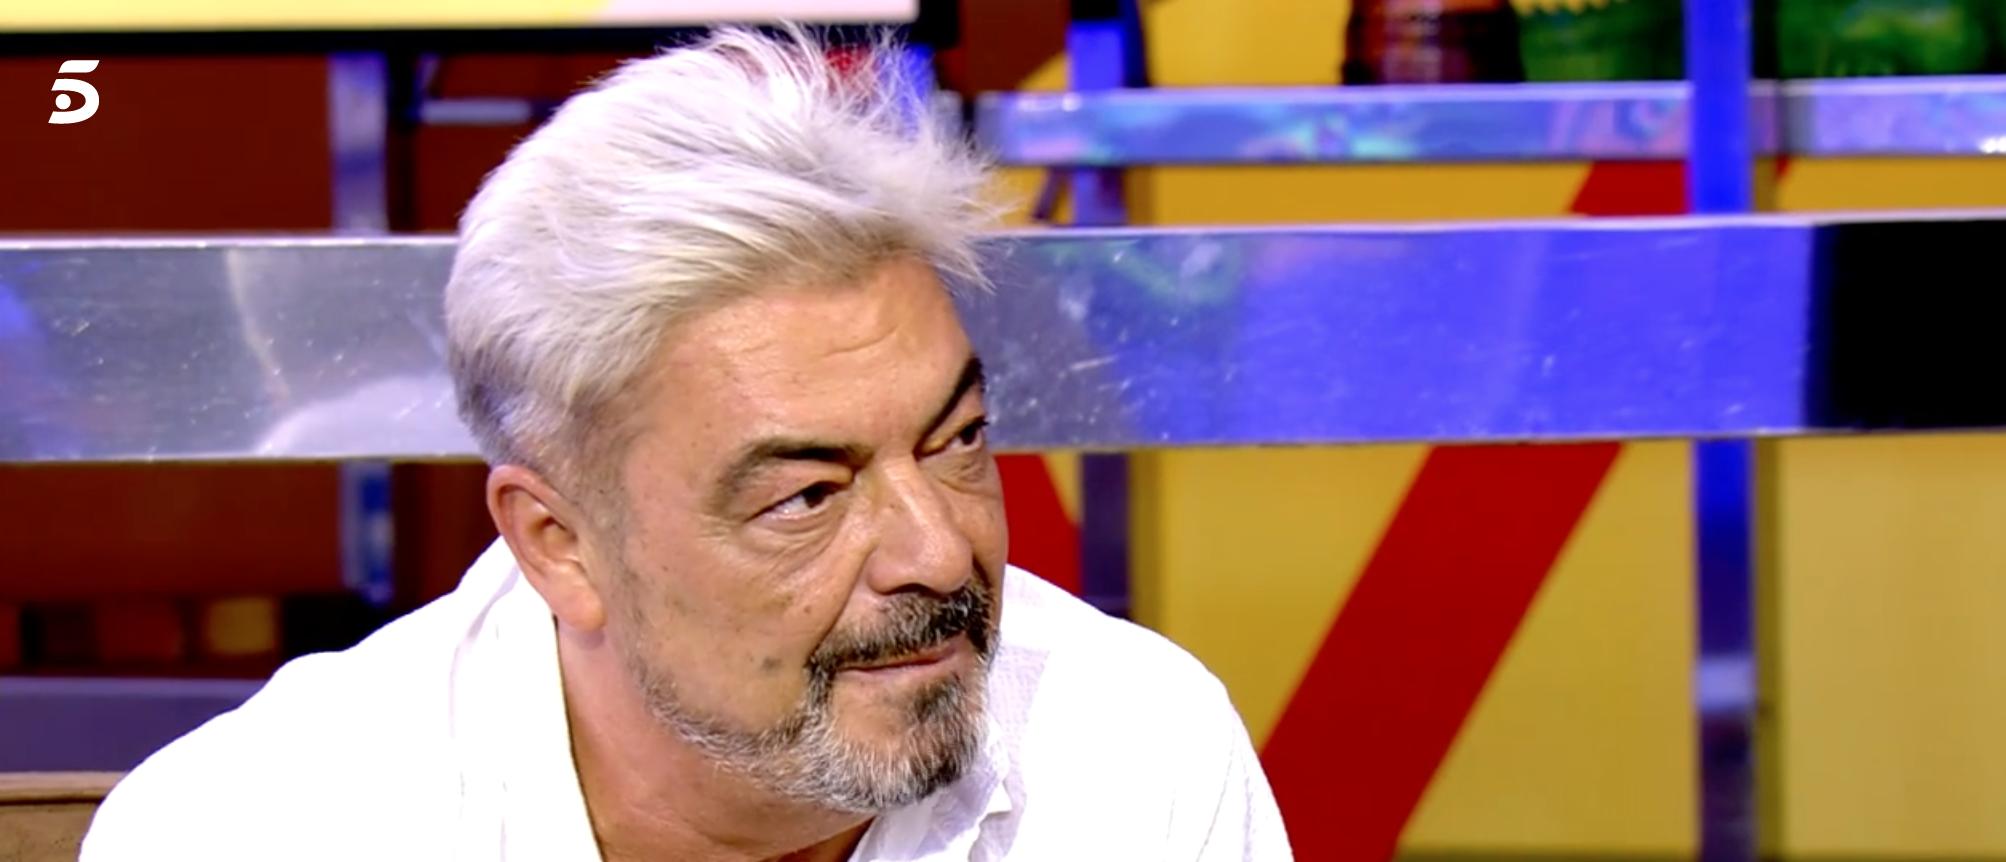 Antonio Canales | Telecinco